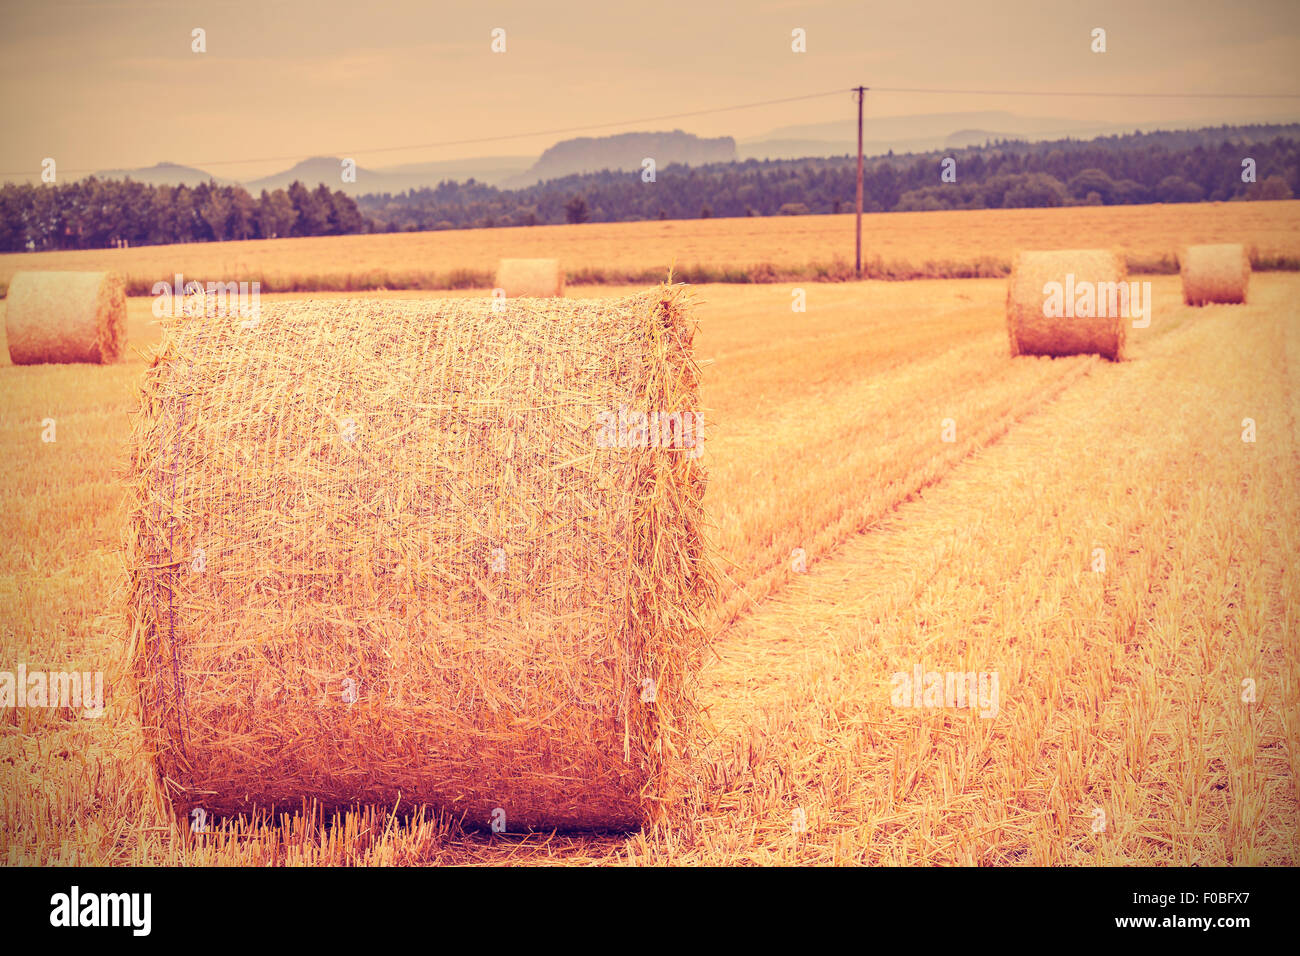 Tonos Vintage balas de heno en el campo cosechado, poca profundidad de campo. Imagen De Stock